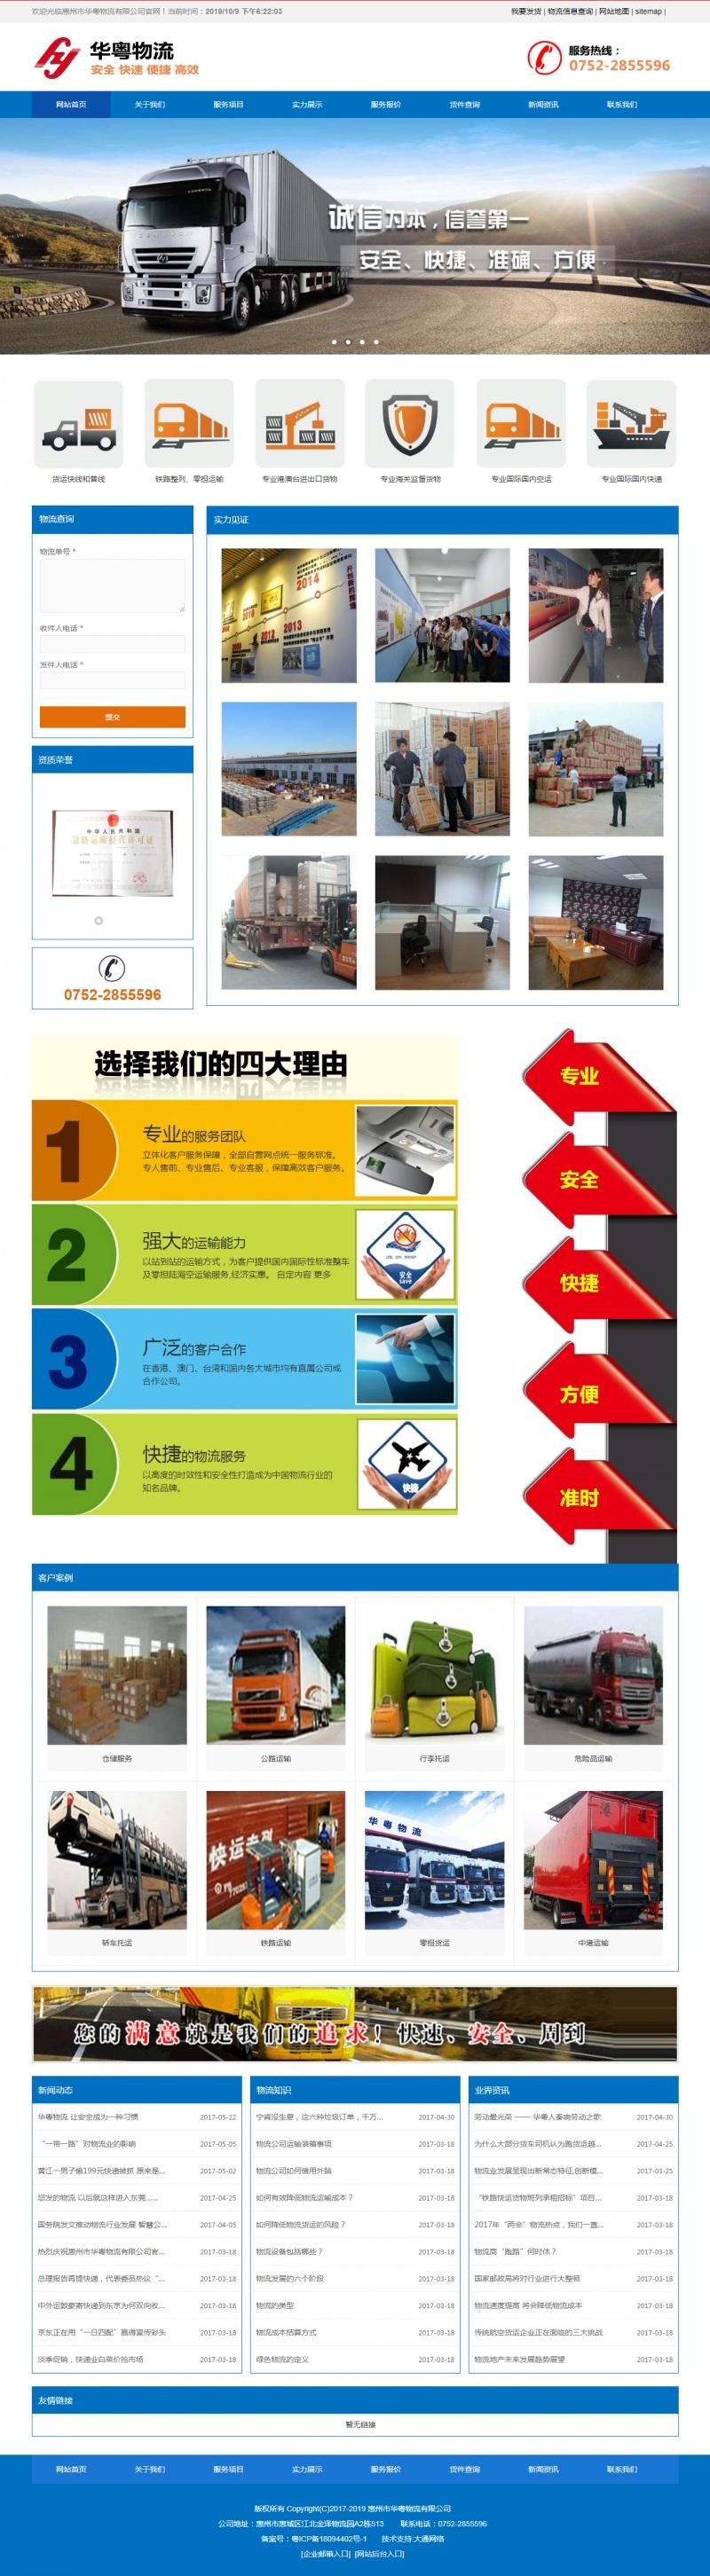 貨運物流公司網站建設案例